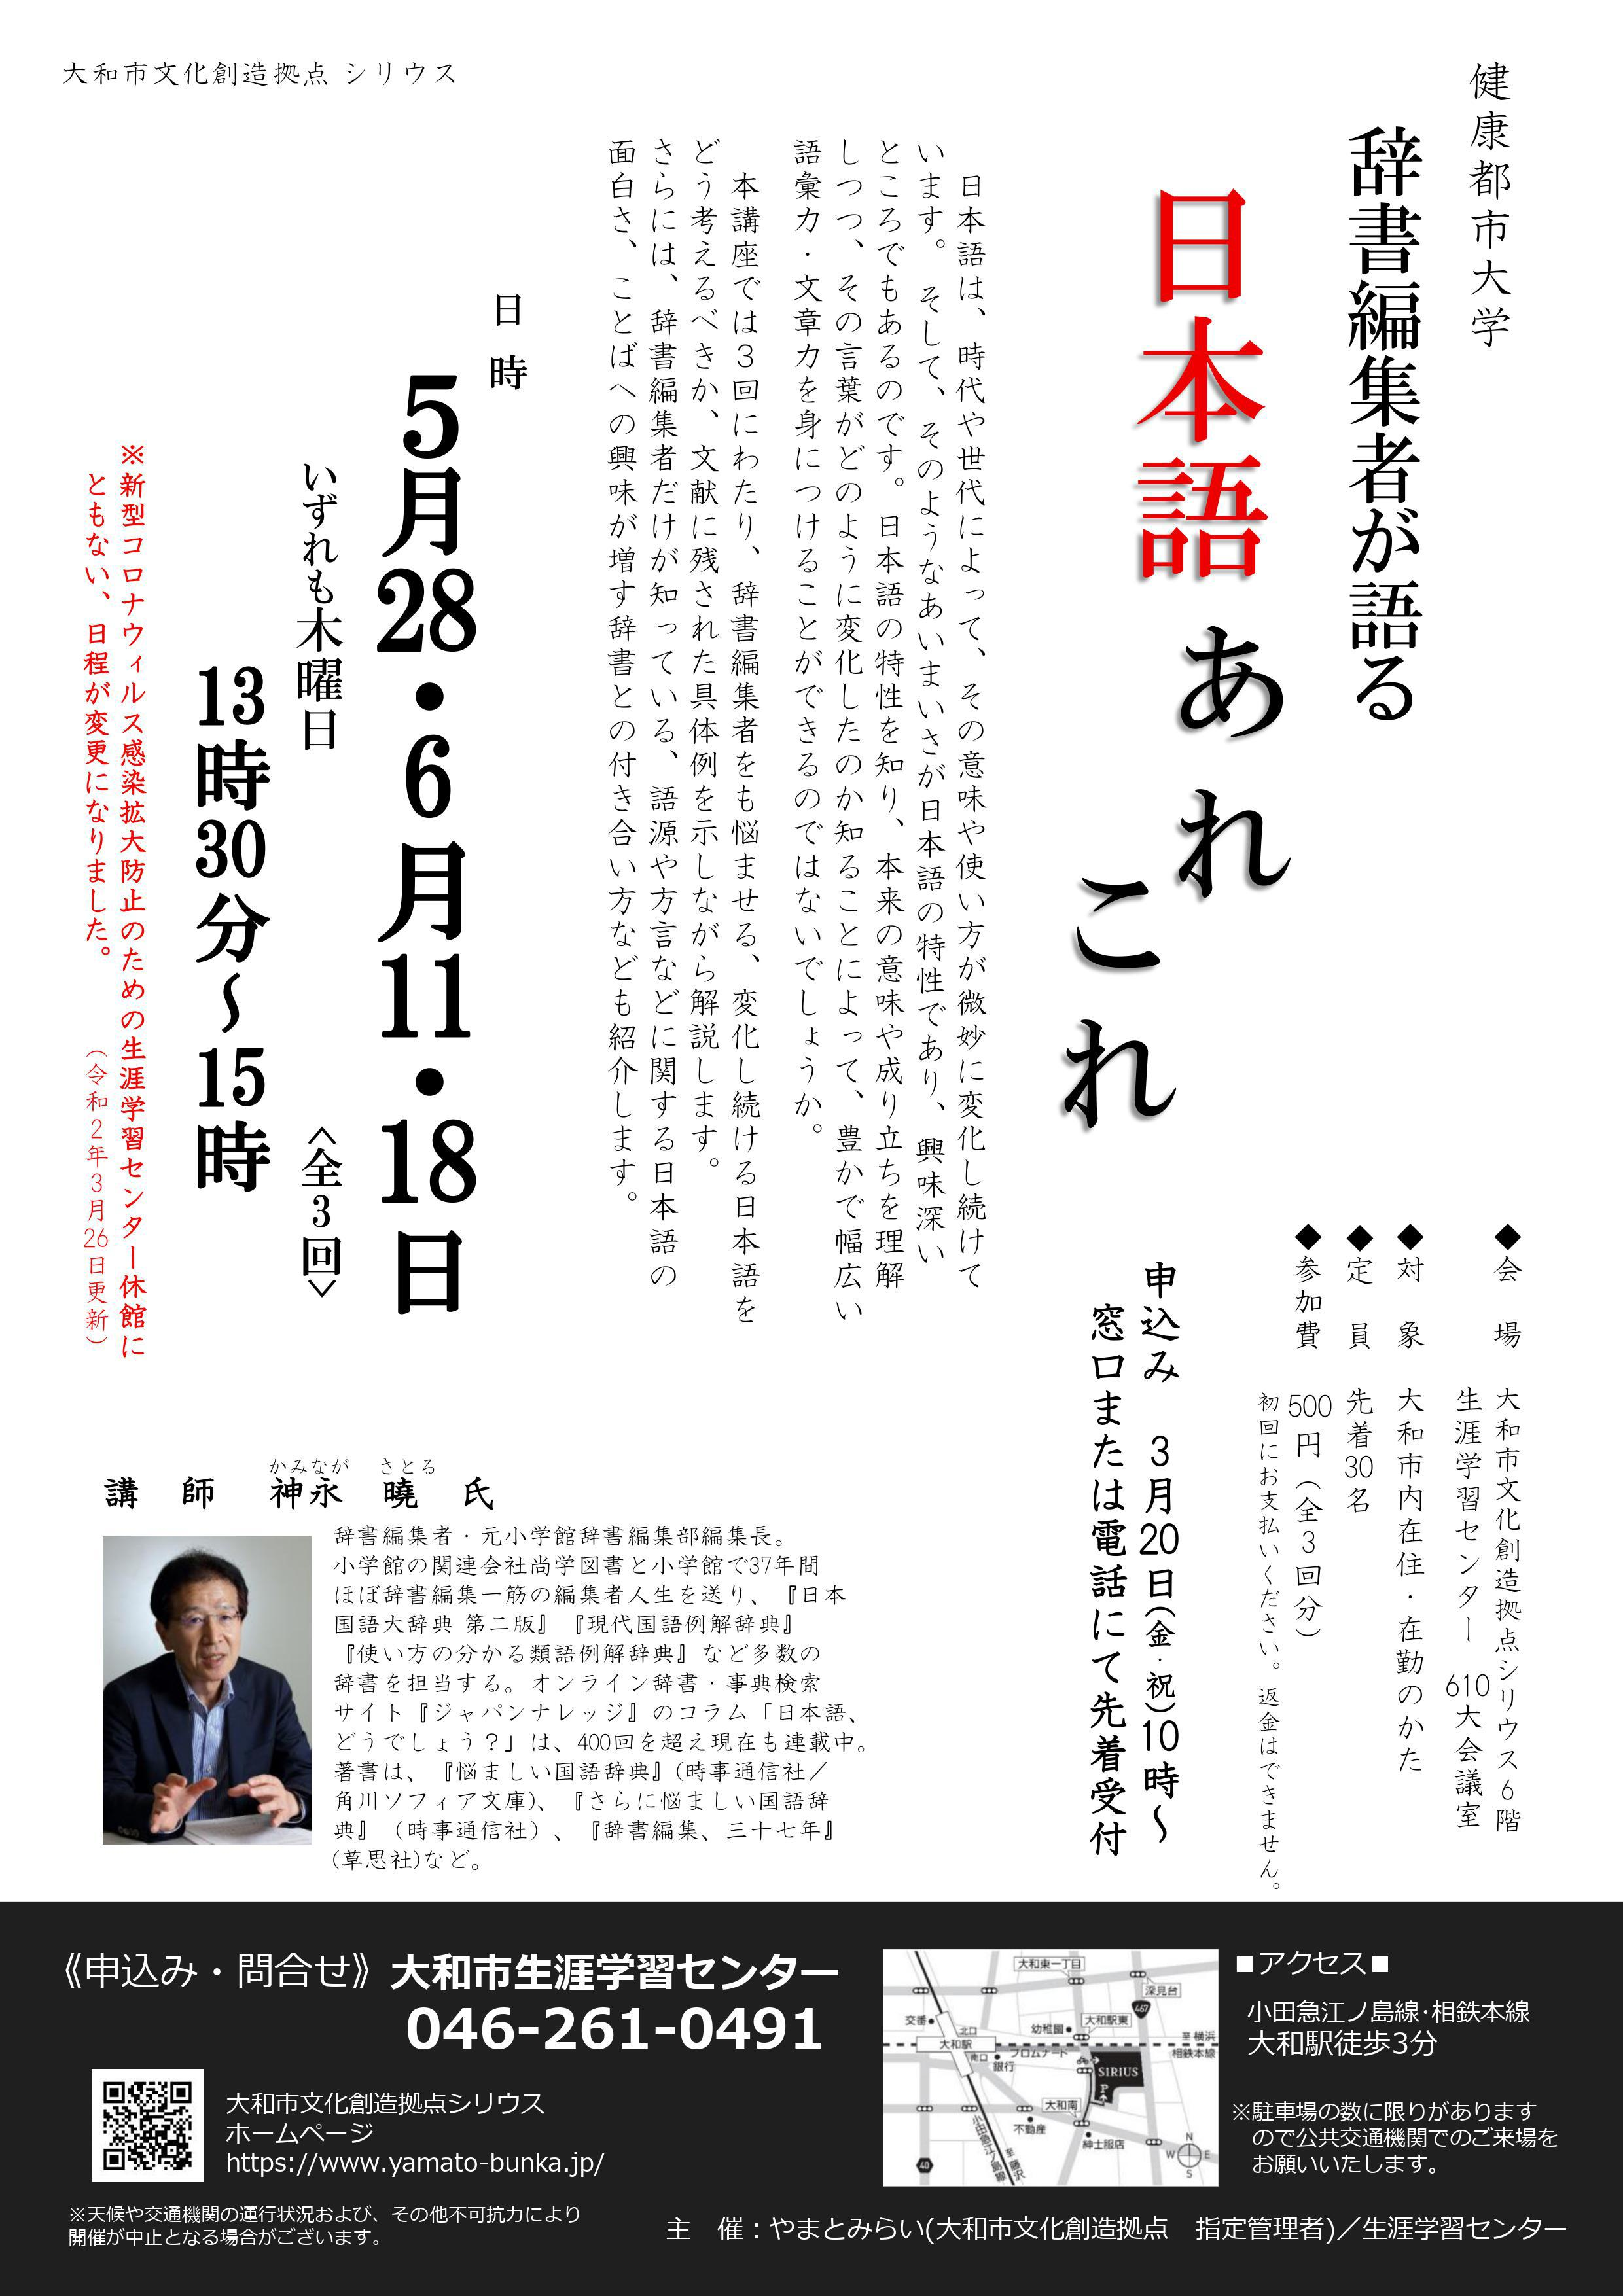 健康都市大学辞書編集者が語る 日本語あれこれ